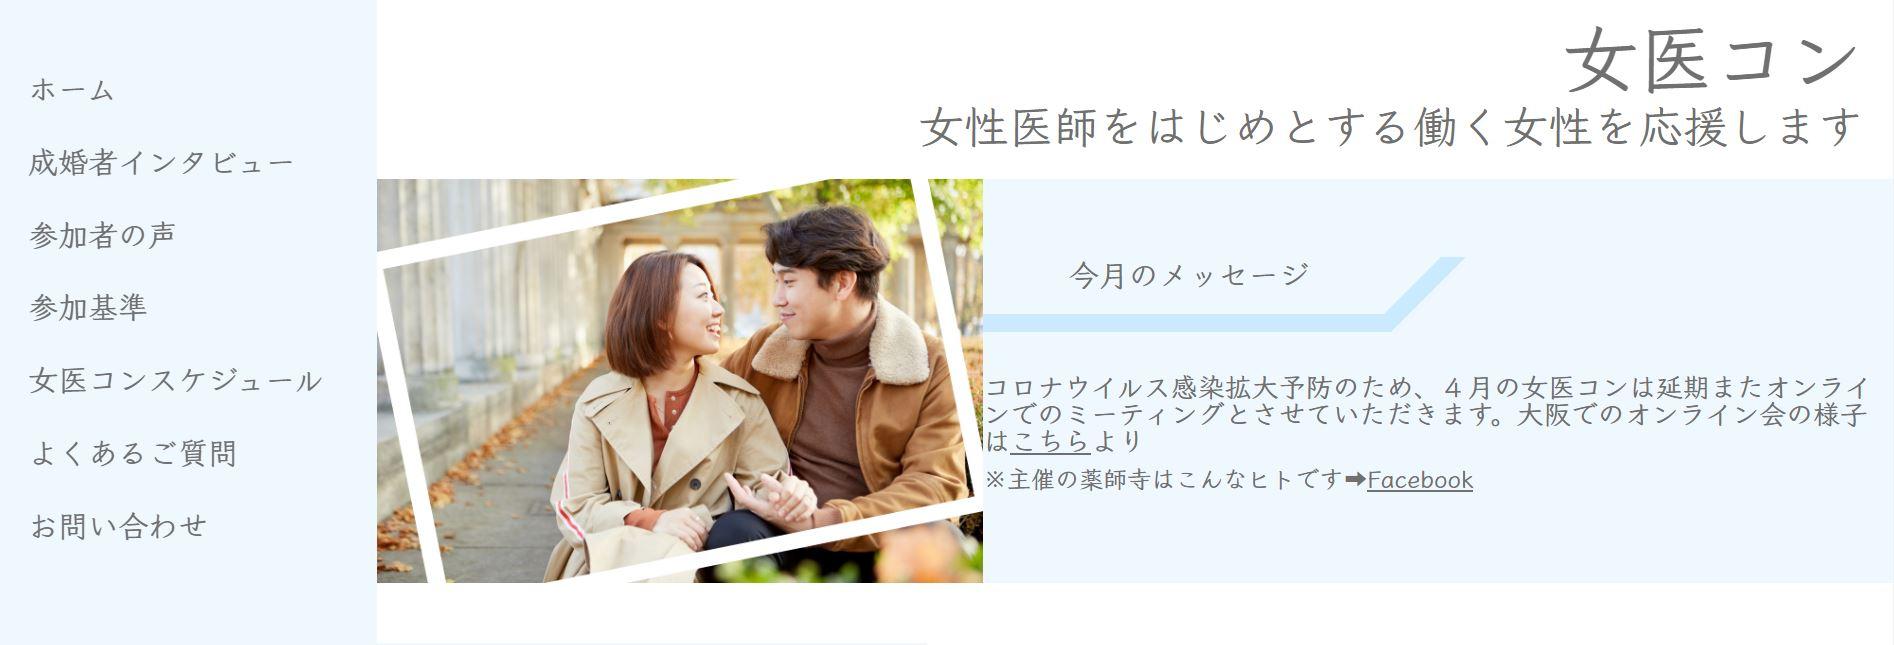 女医用婚活サイト女医コンのイメージ写真